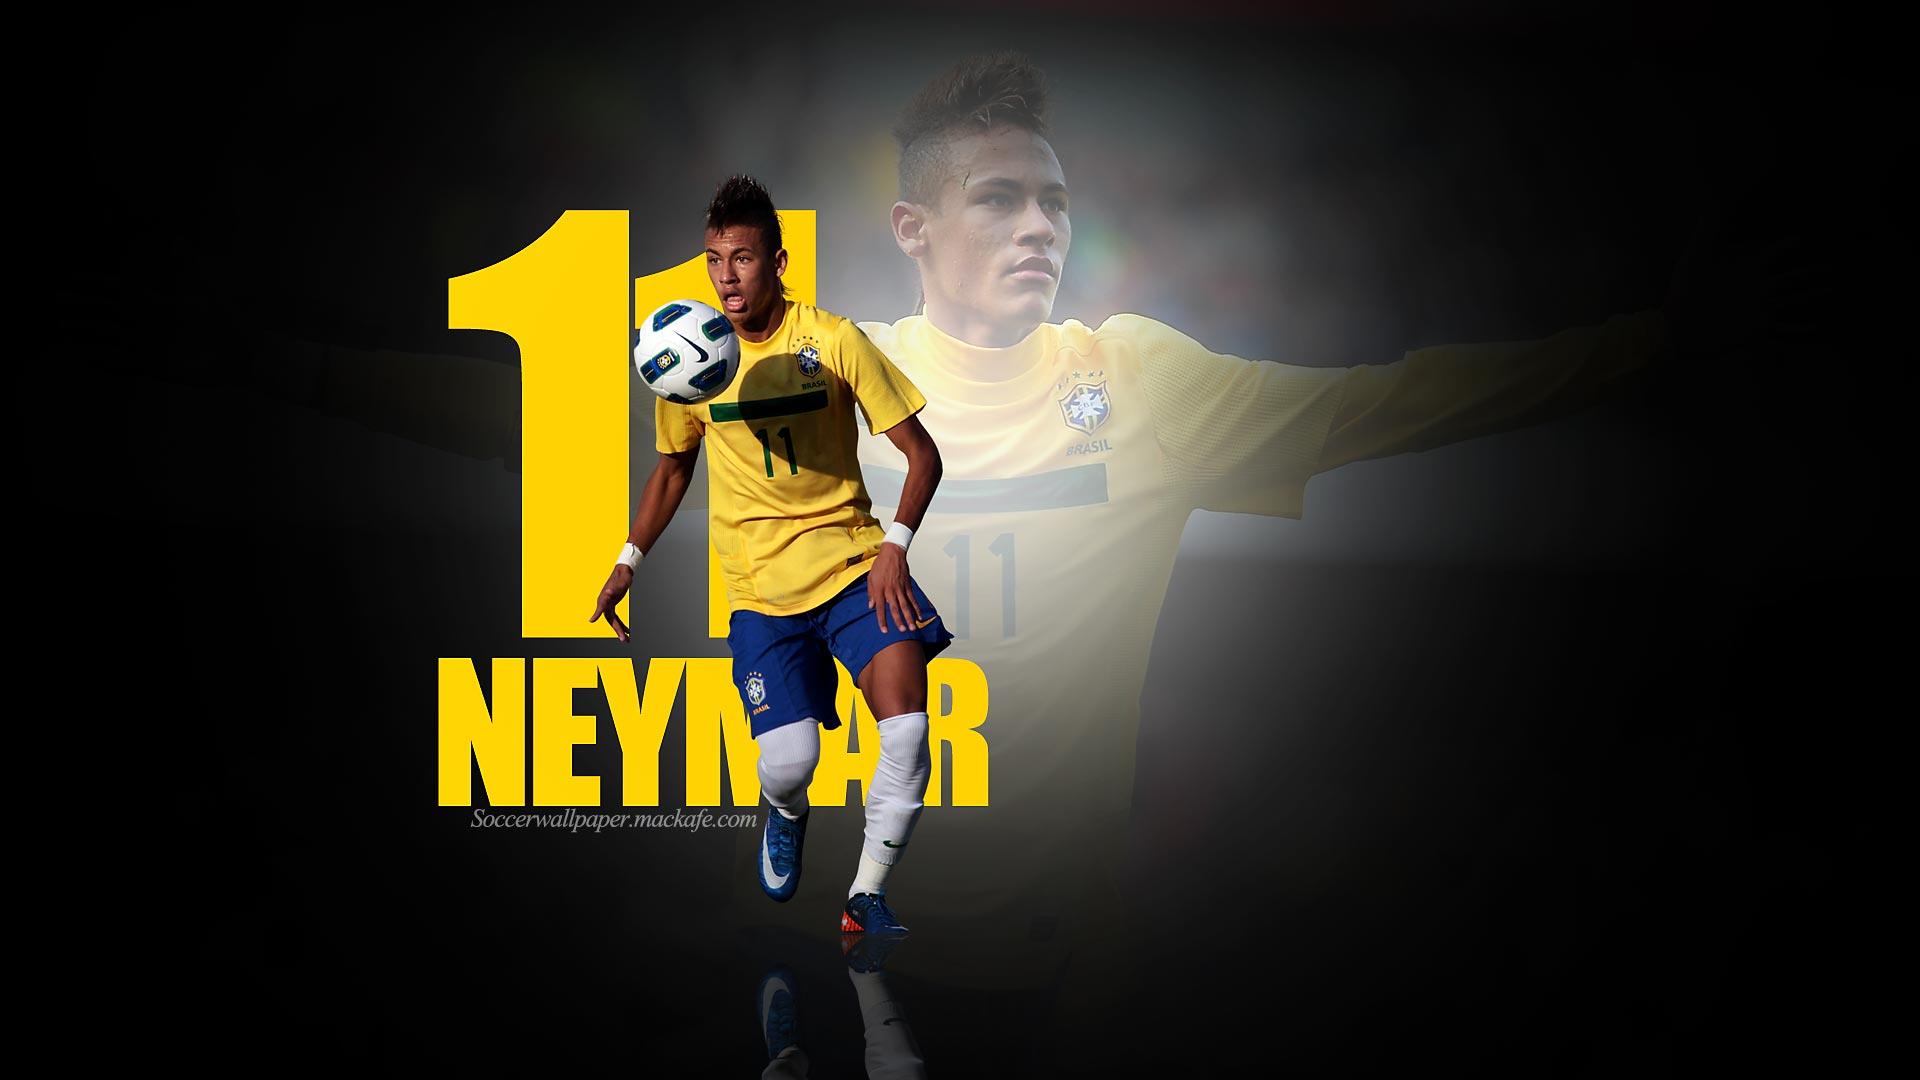 Neymar And Messi Wallpaper 2013 hd Messi vs Neymar Wallpaper 2013 1920x1080